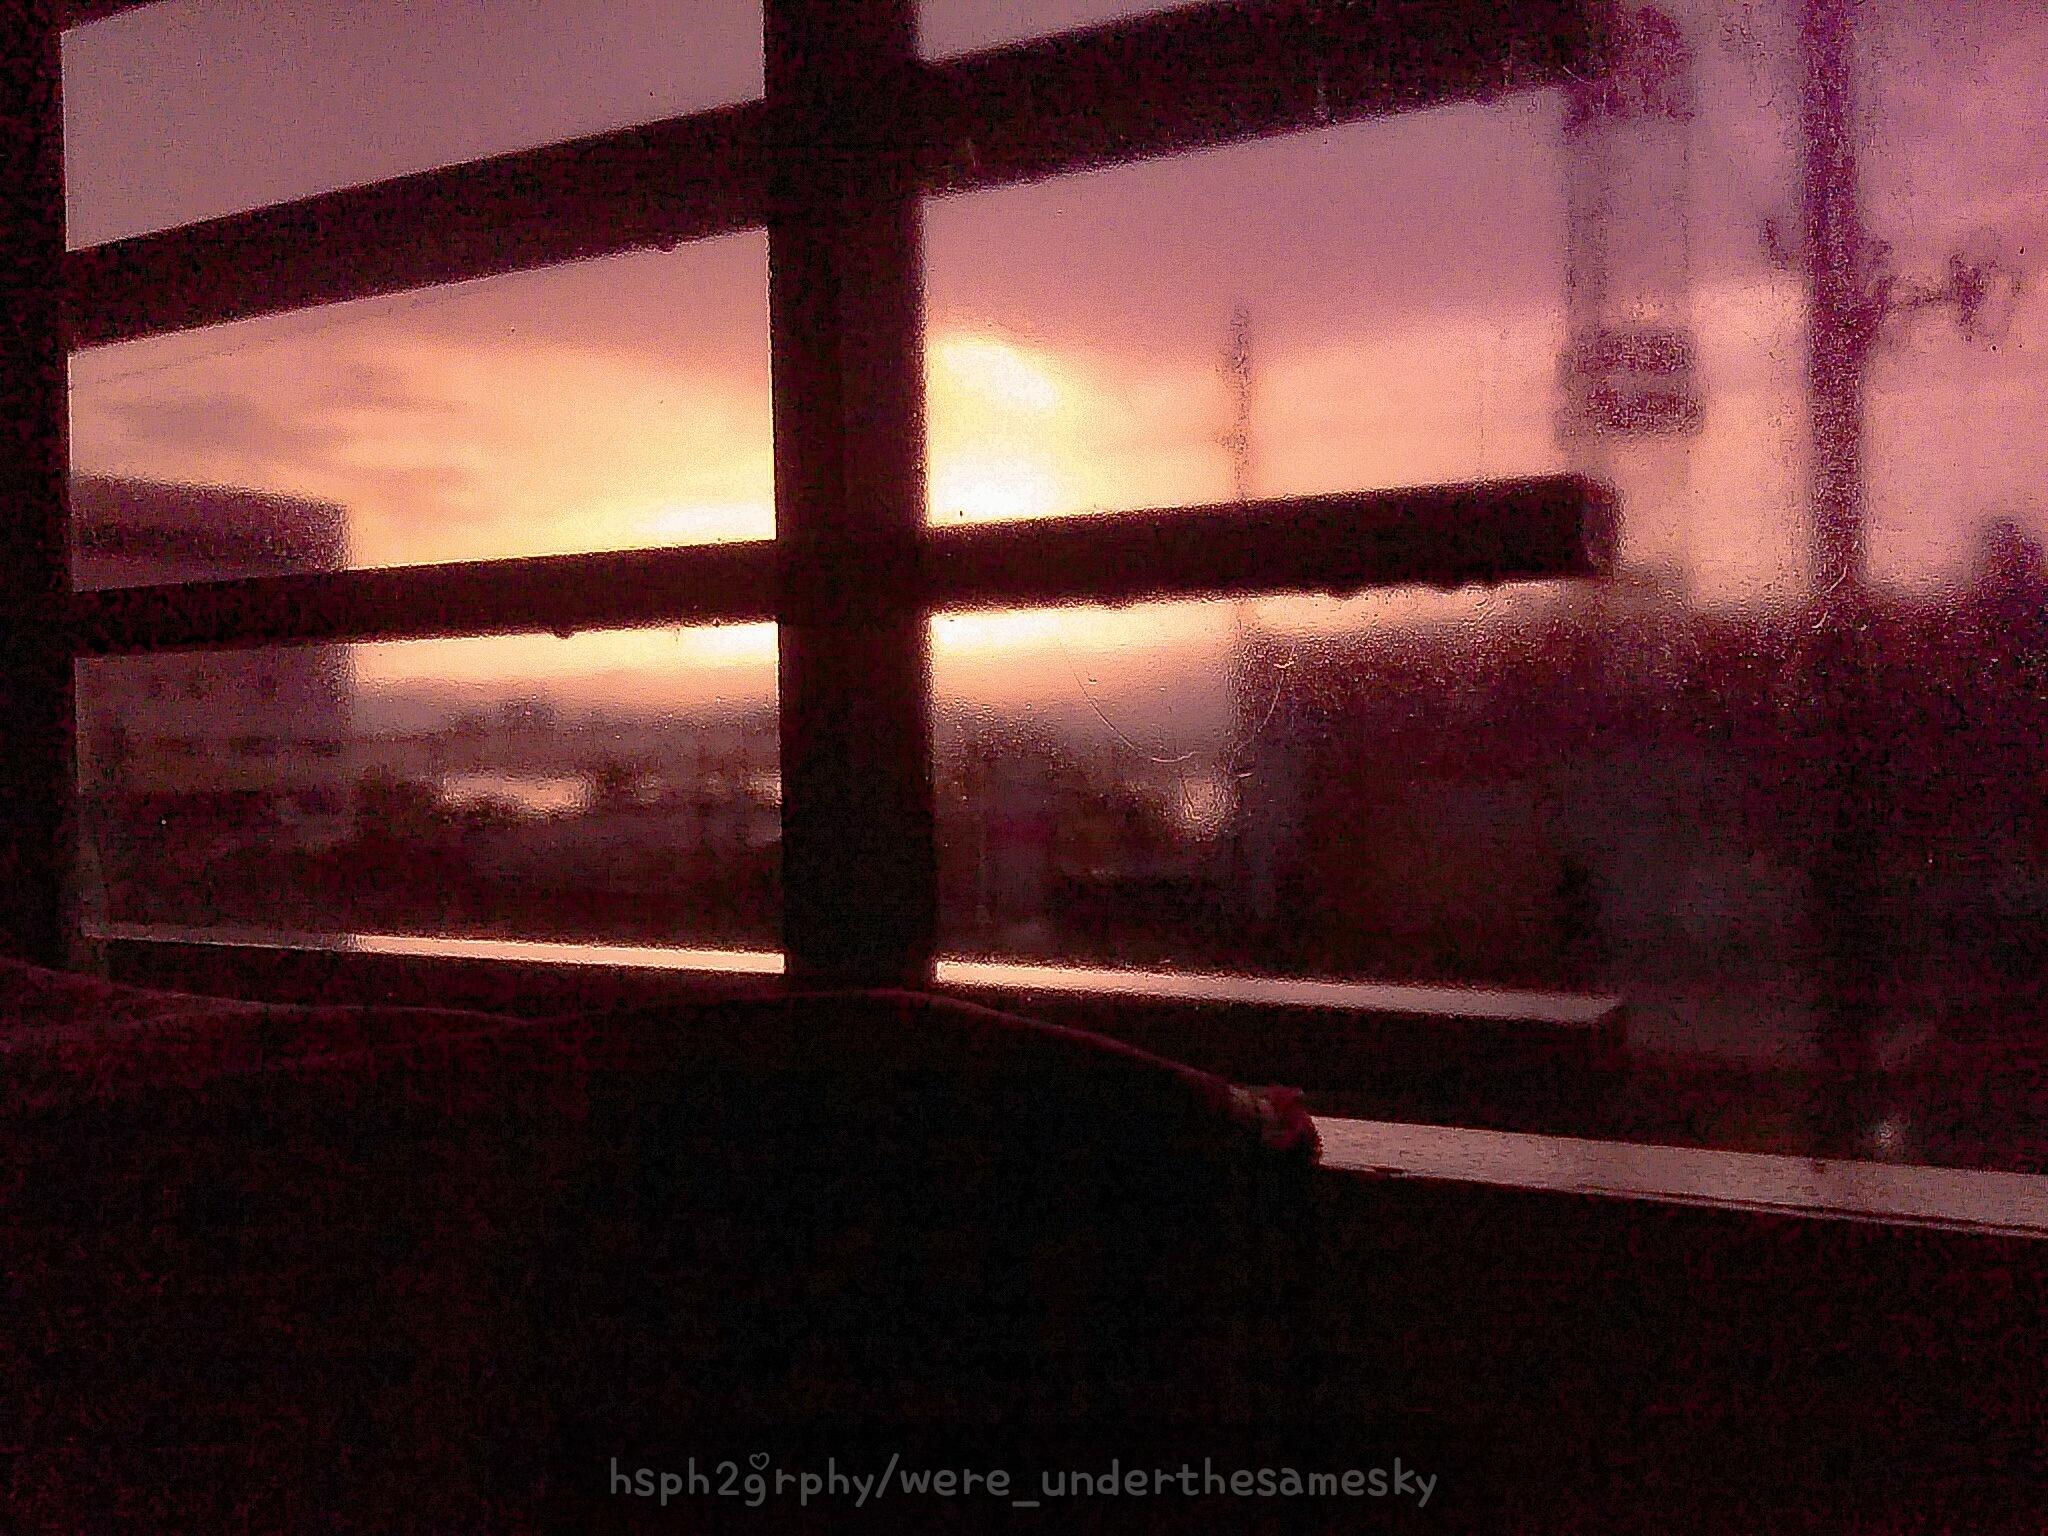 Sunset on a Rainy Day by were_underthesamesky